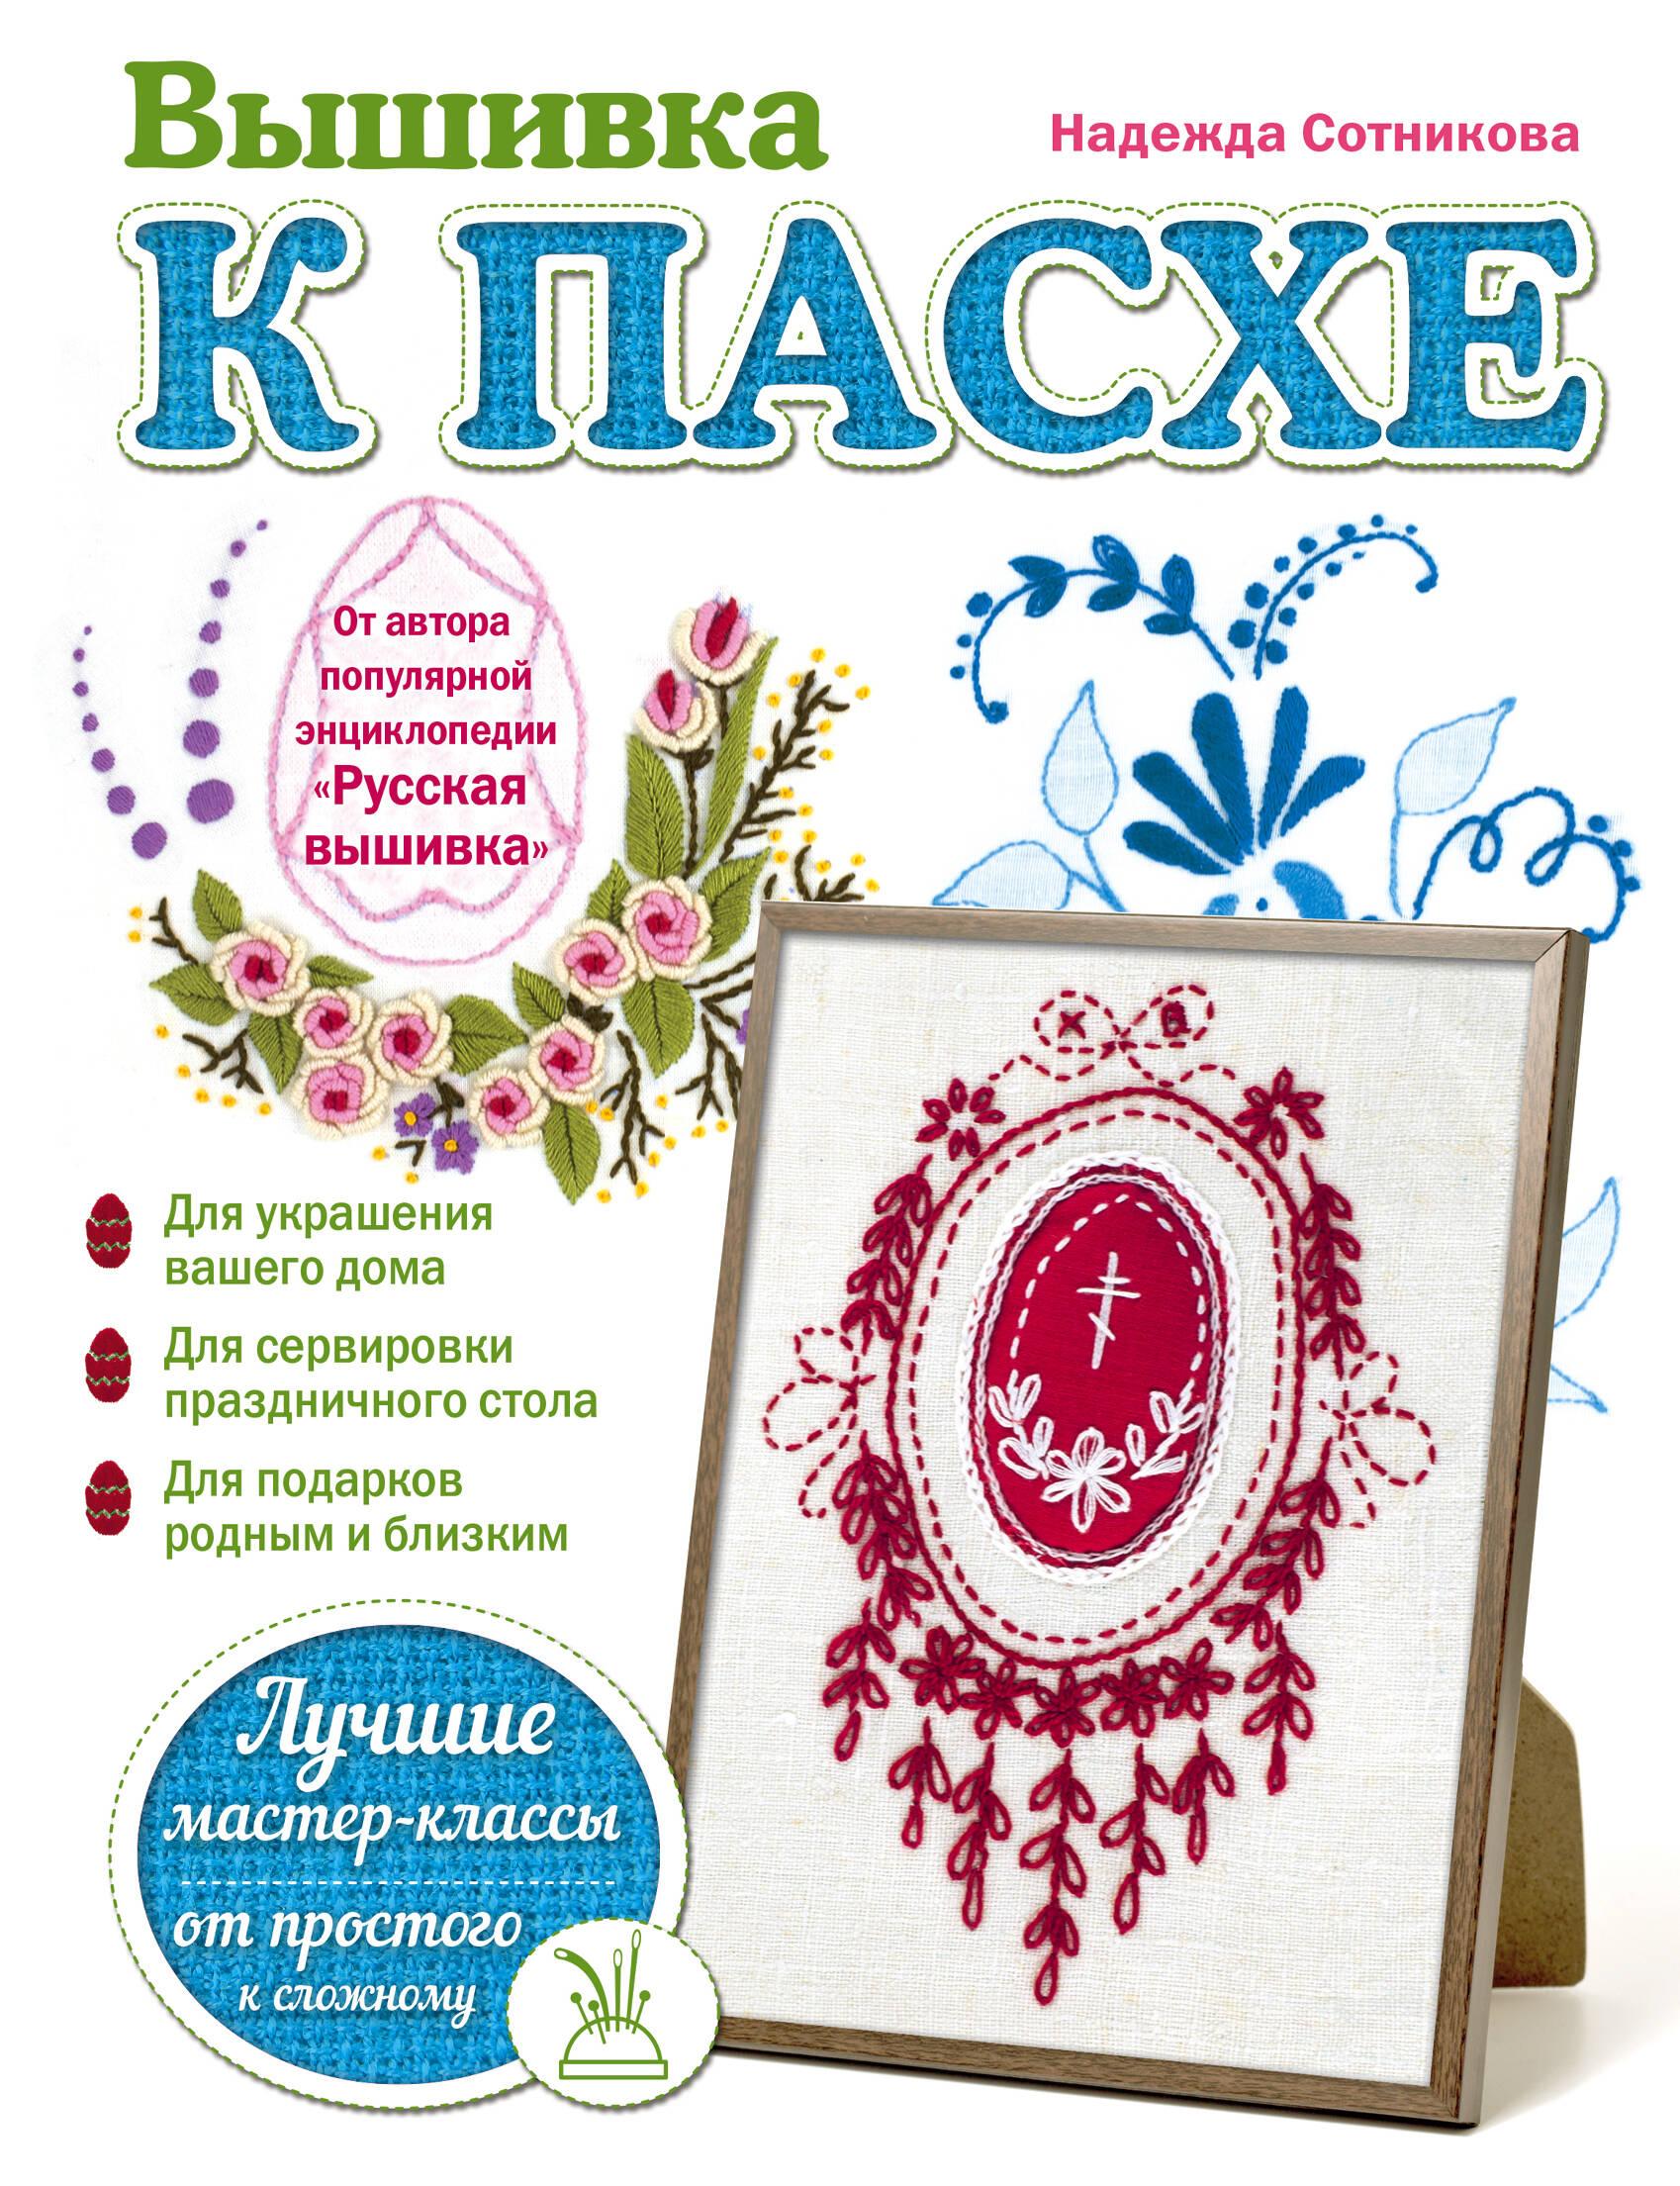 надежда сотникова русская вышивка энциклопедия выбор нижнего слоя